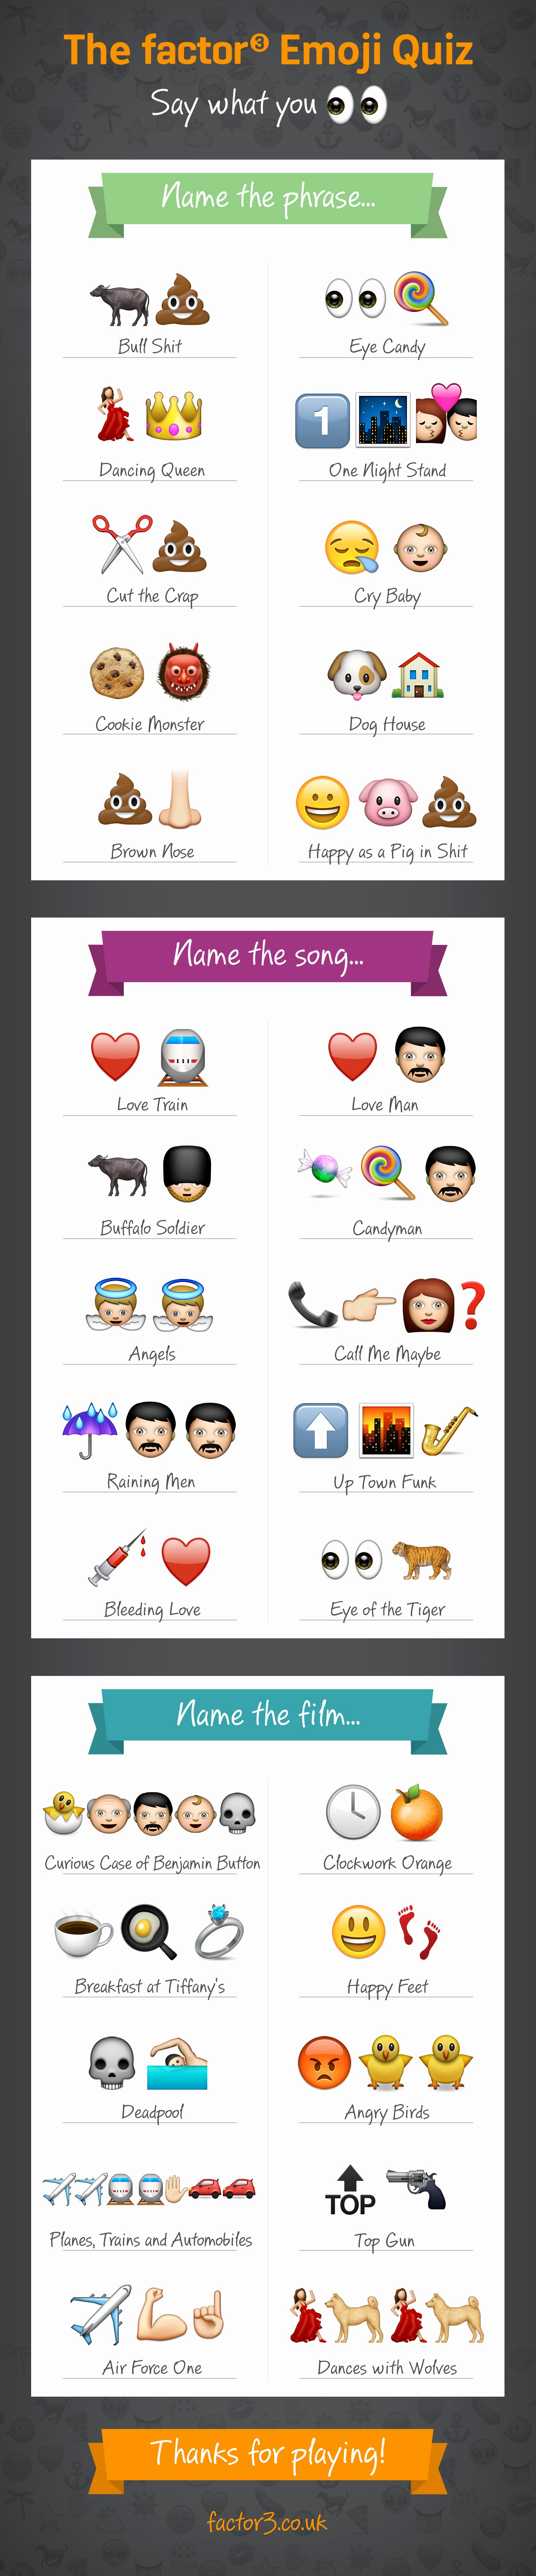 Dirty Emoji Text Combinations Unique the Factor 3 Emoji Binations Quiz Factor 3